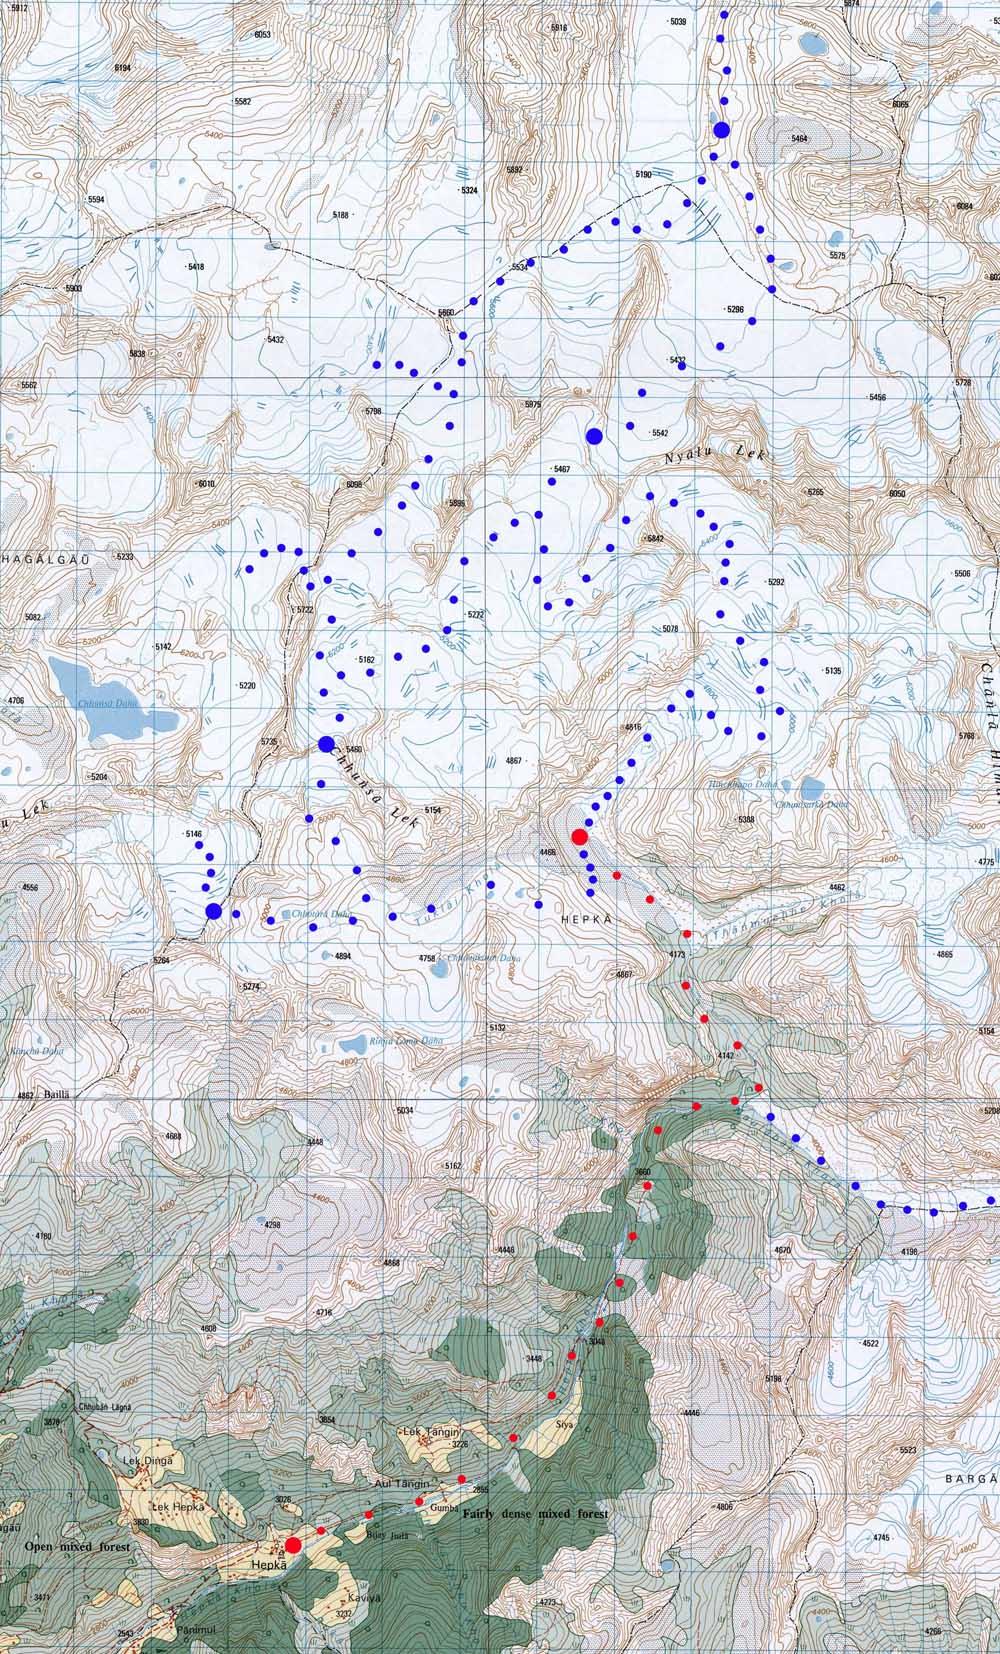 La partie Sud du massif de Limi, avec l'itinéraire à repérer, Si possible jusqu'au gros point rouge.